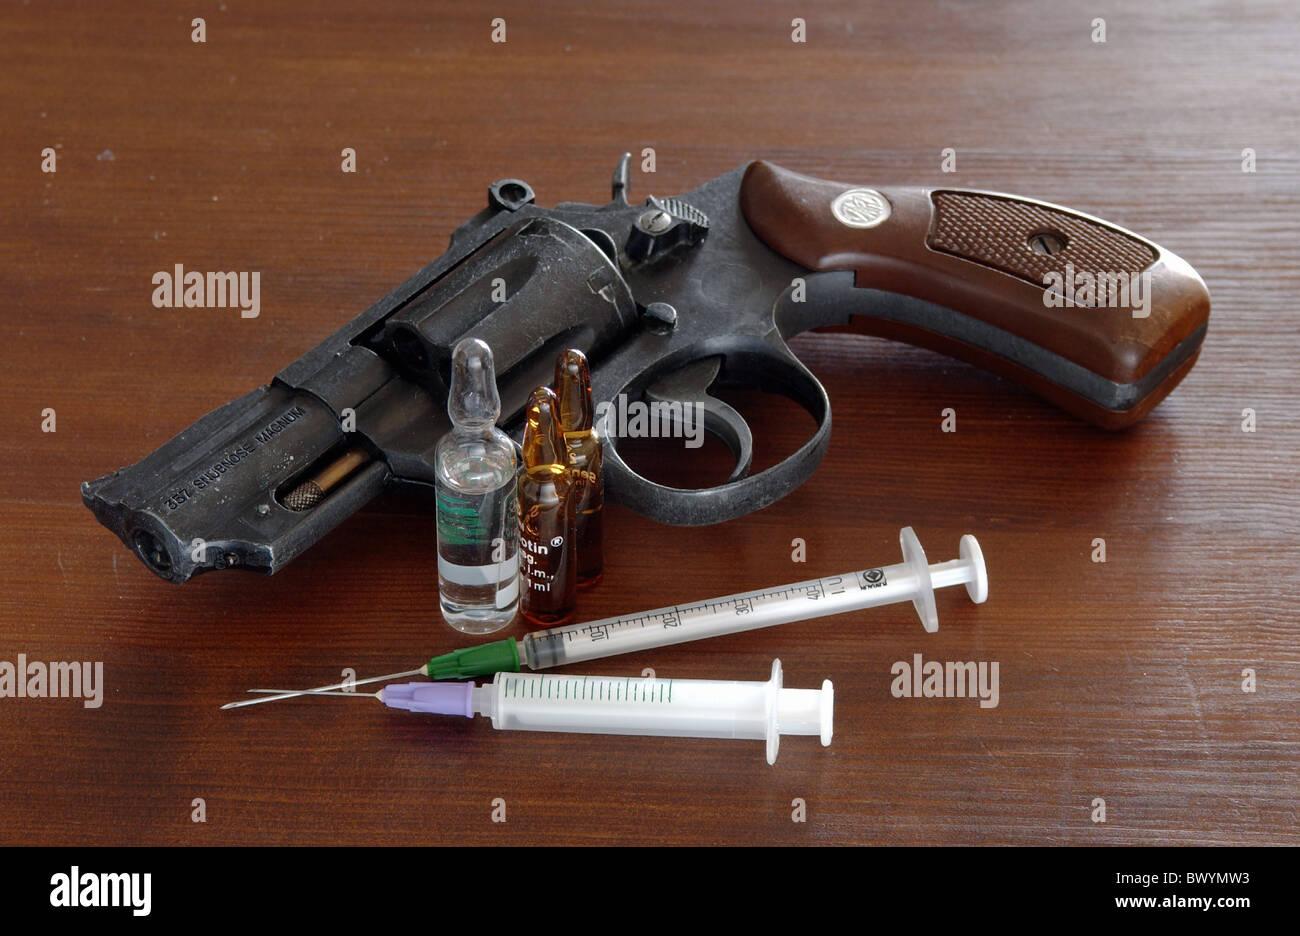 addiction ampoules crime criminal dealers drugs pistol revolver symbol syringes - Stock Image